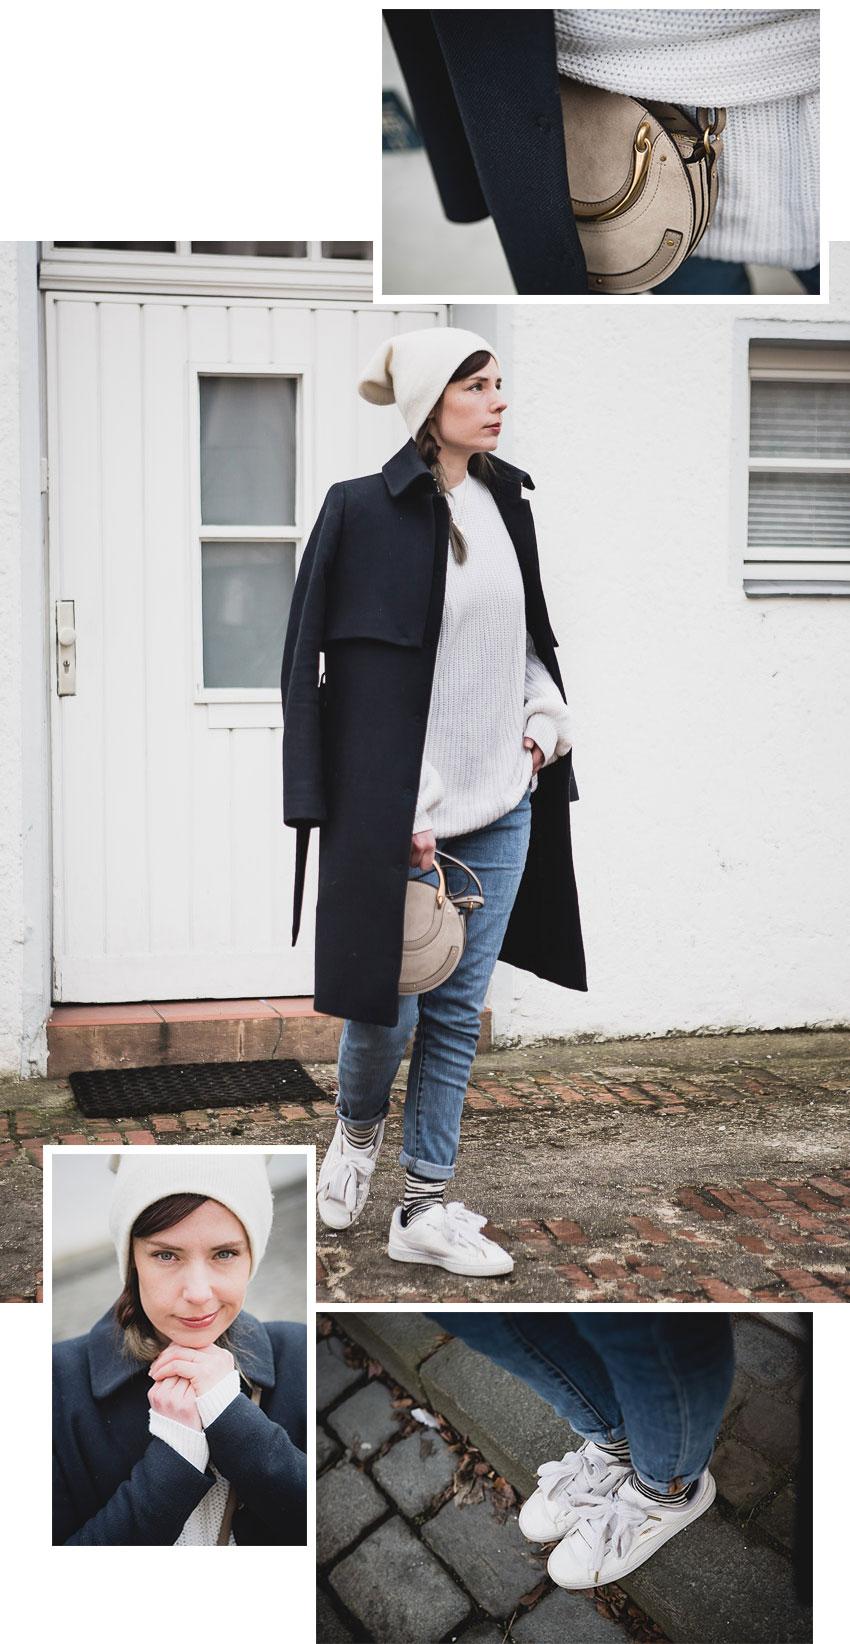 Chloe Pixie Bag in Motty Grey zum Alltagsoutfit mit weißem Pullover kombinieren